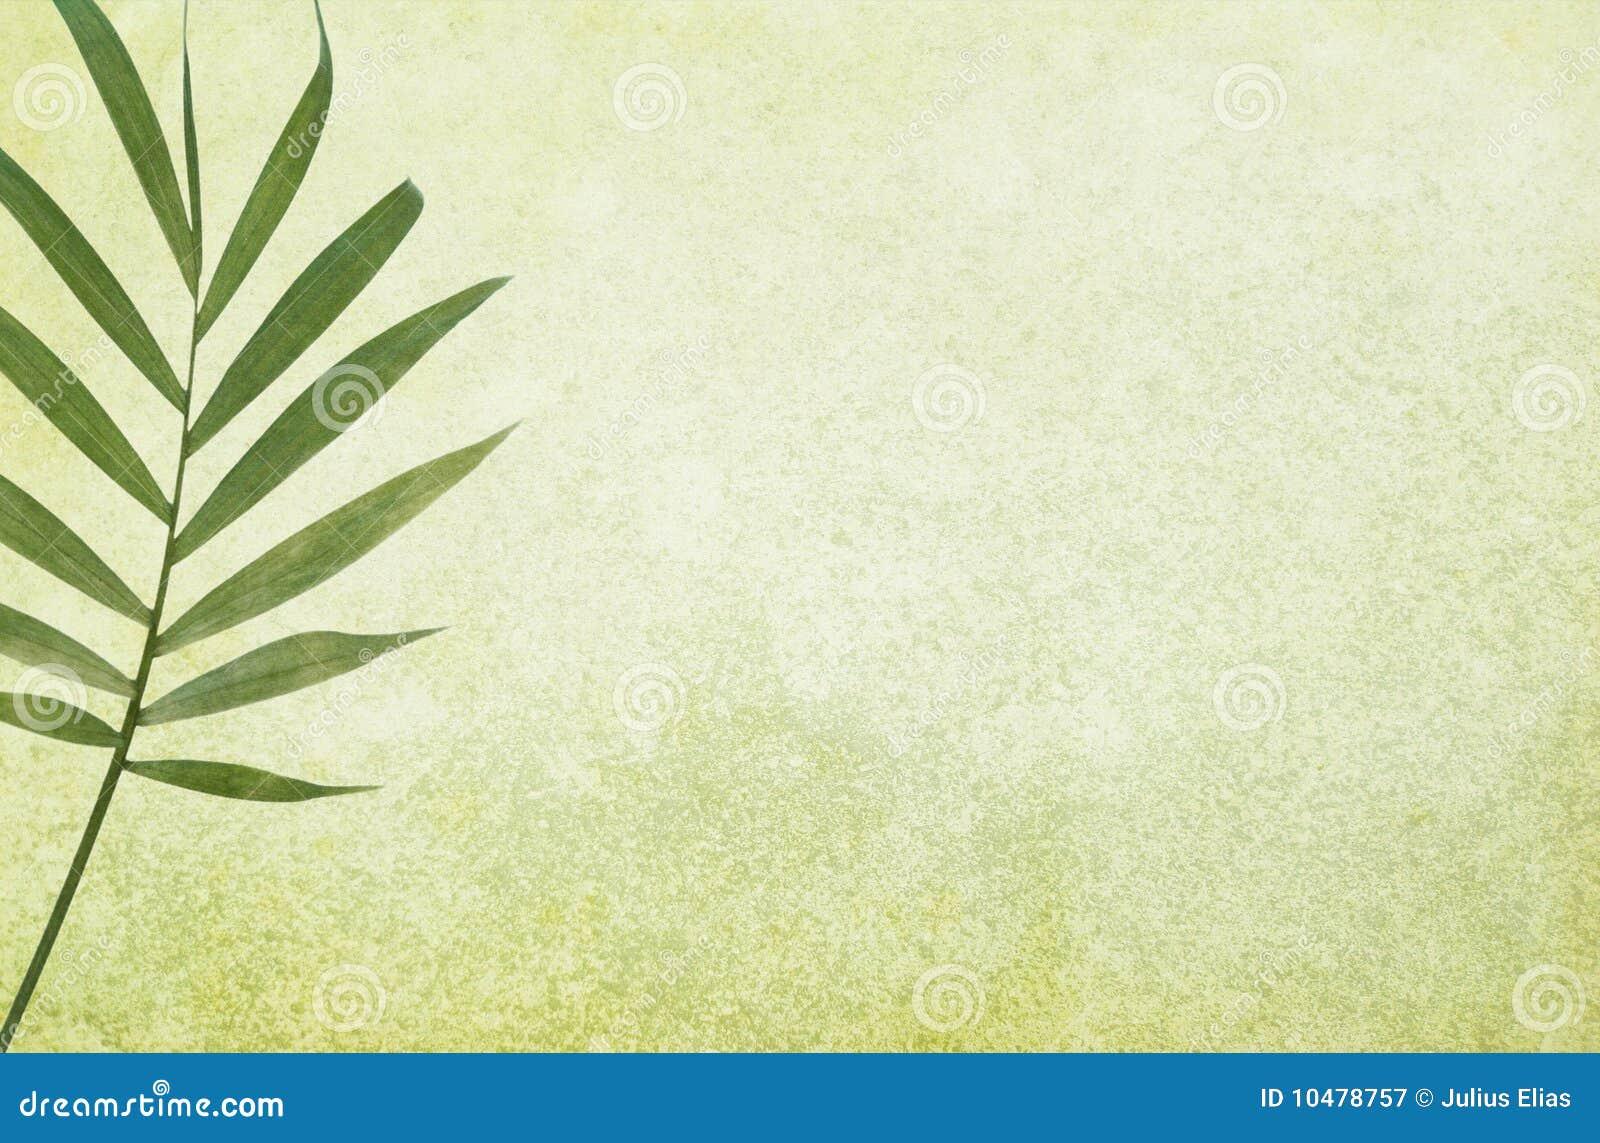 Grüner Grunge Hintergrund mit Palmblatt